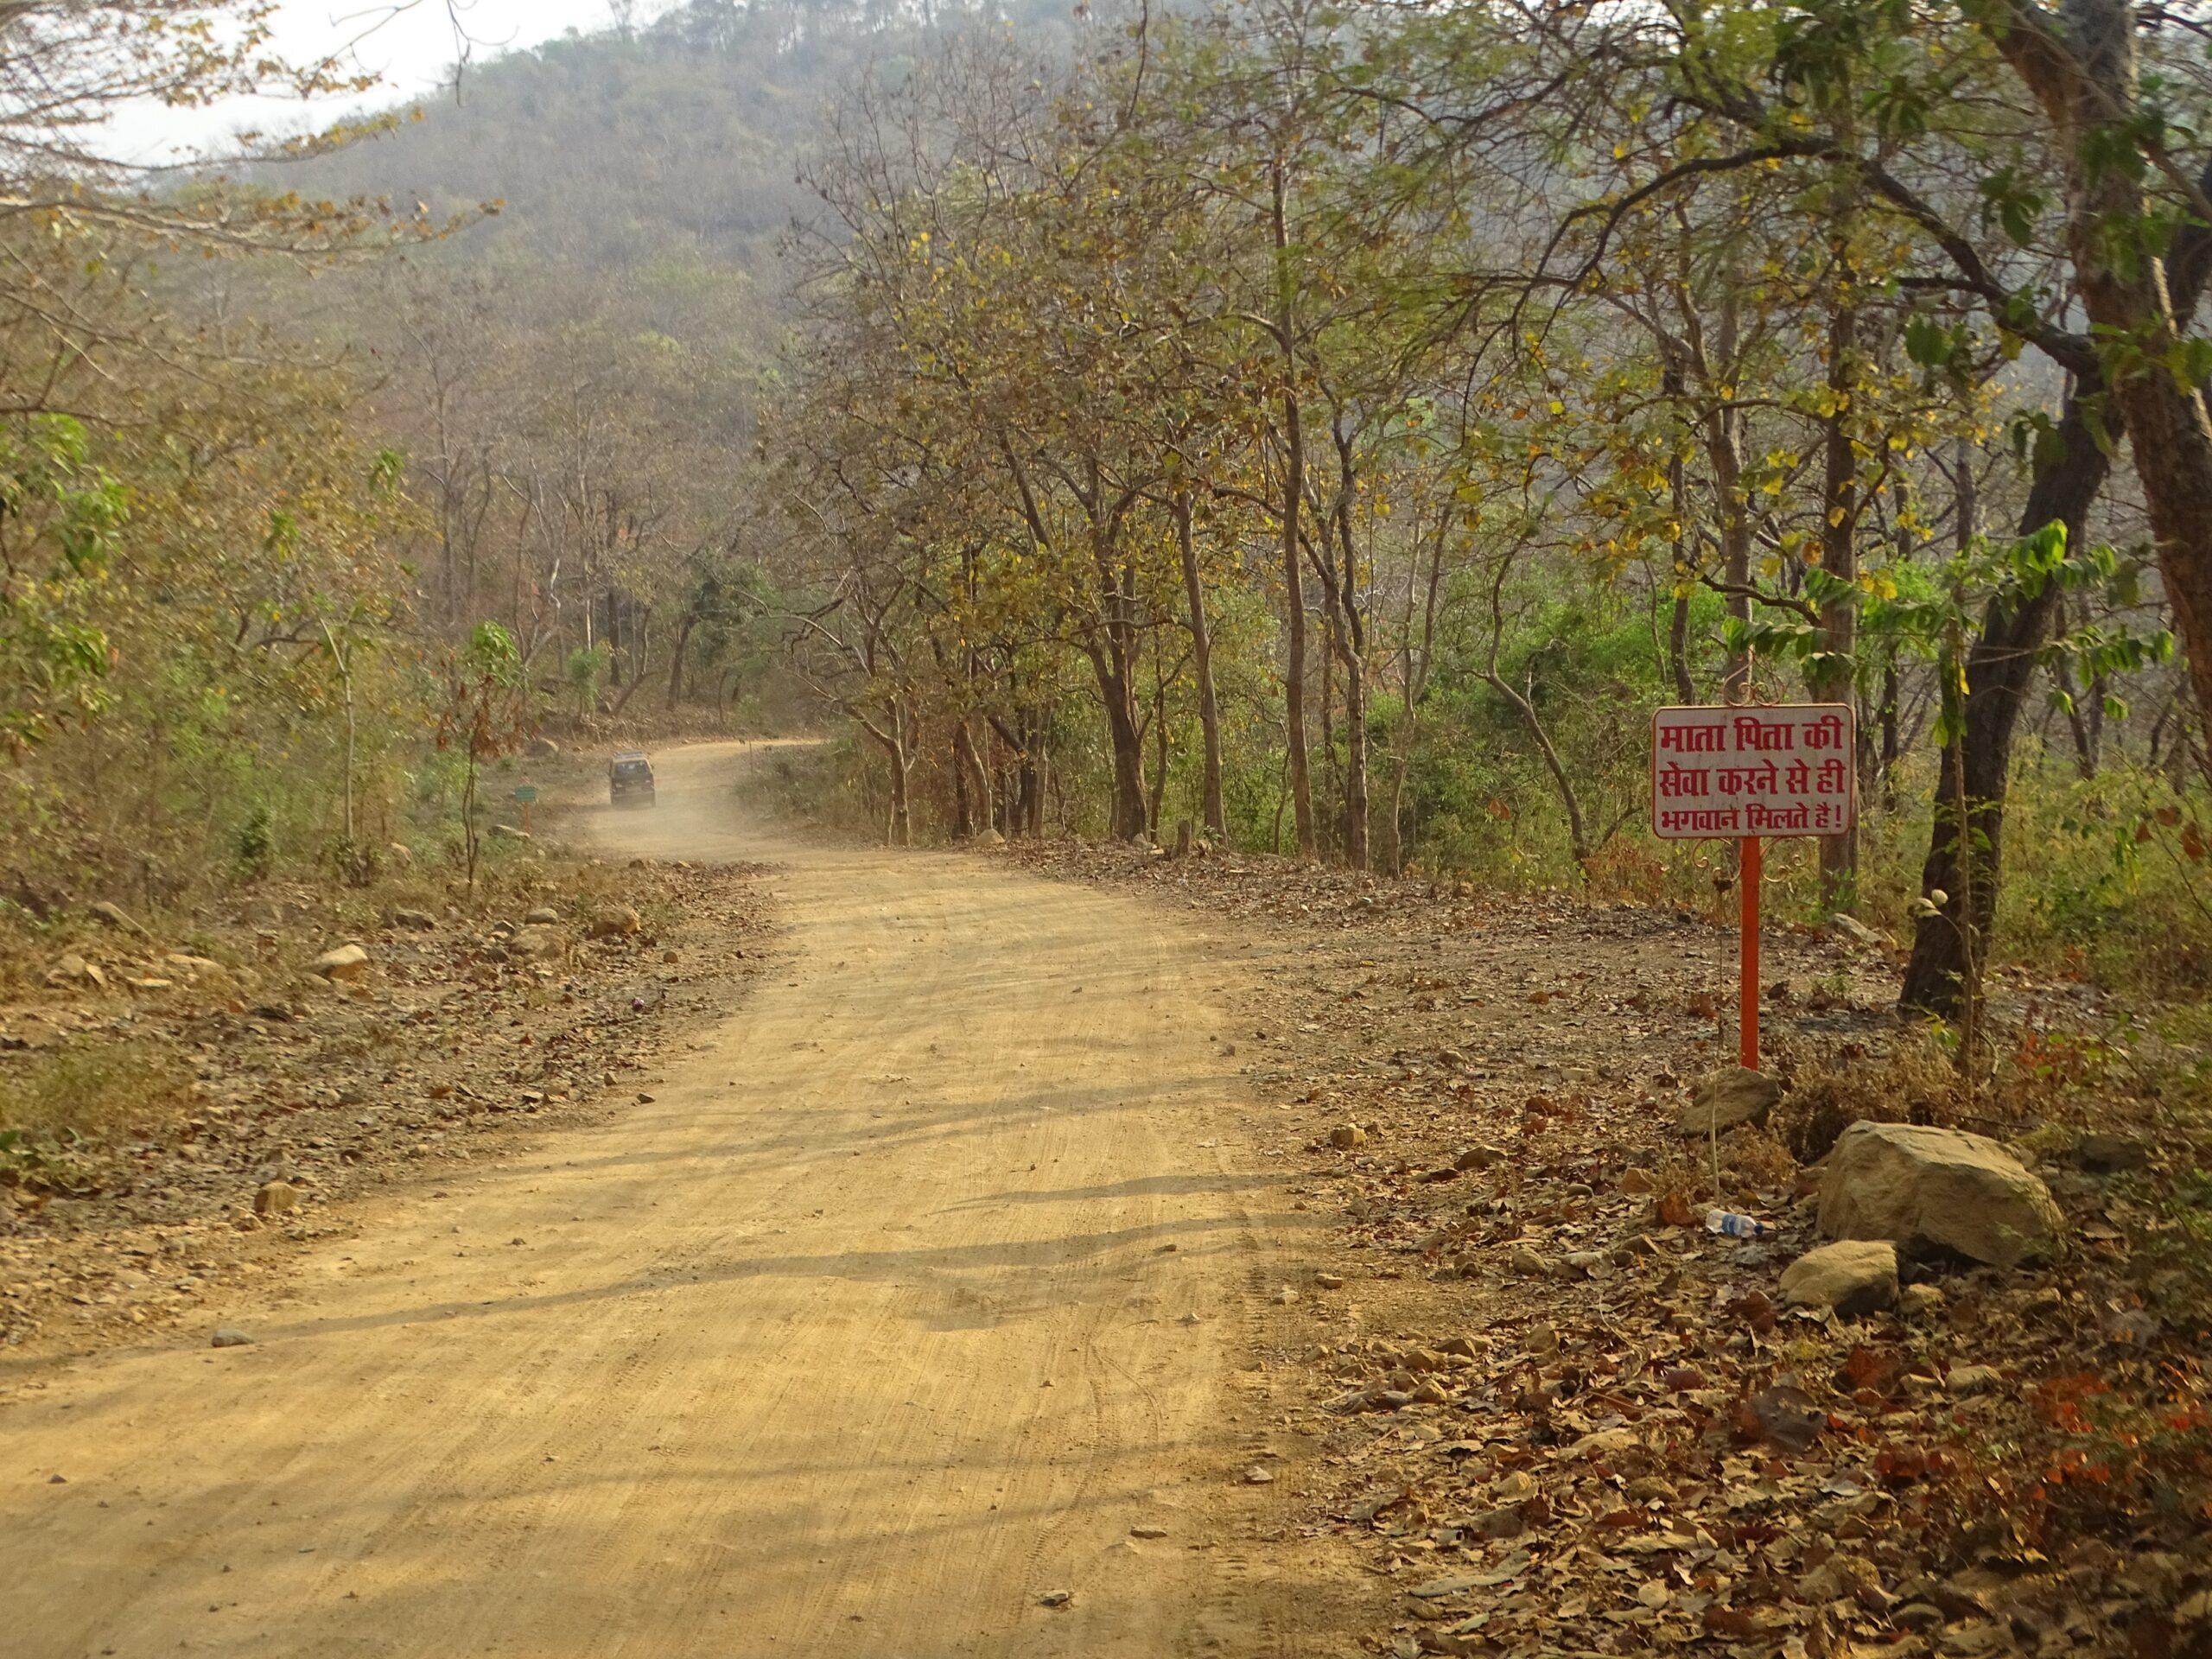 Tungareshwar National Park, Vasai East, Palghar, Maharashtra, India